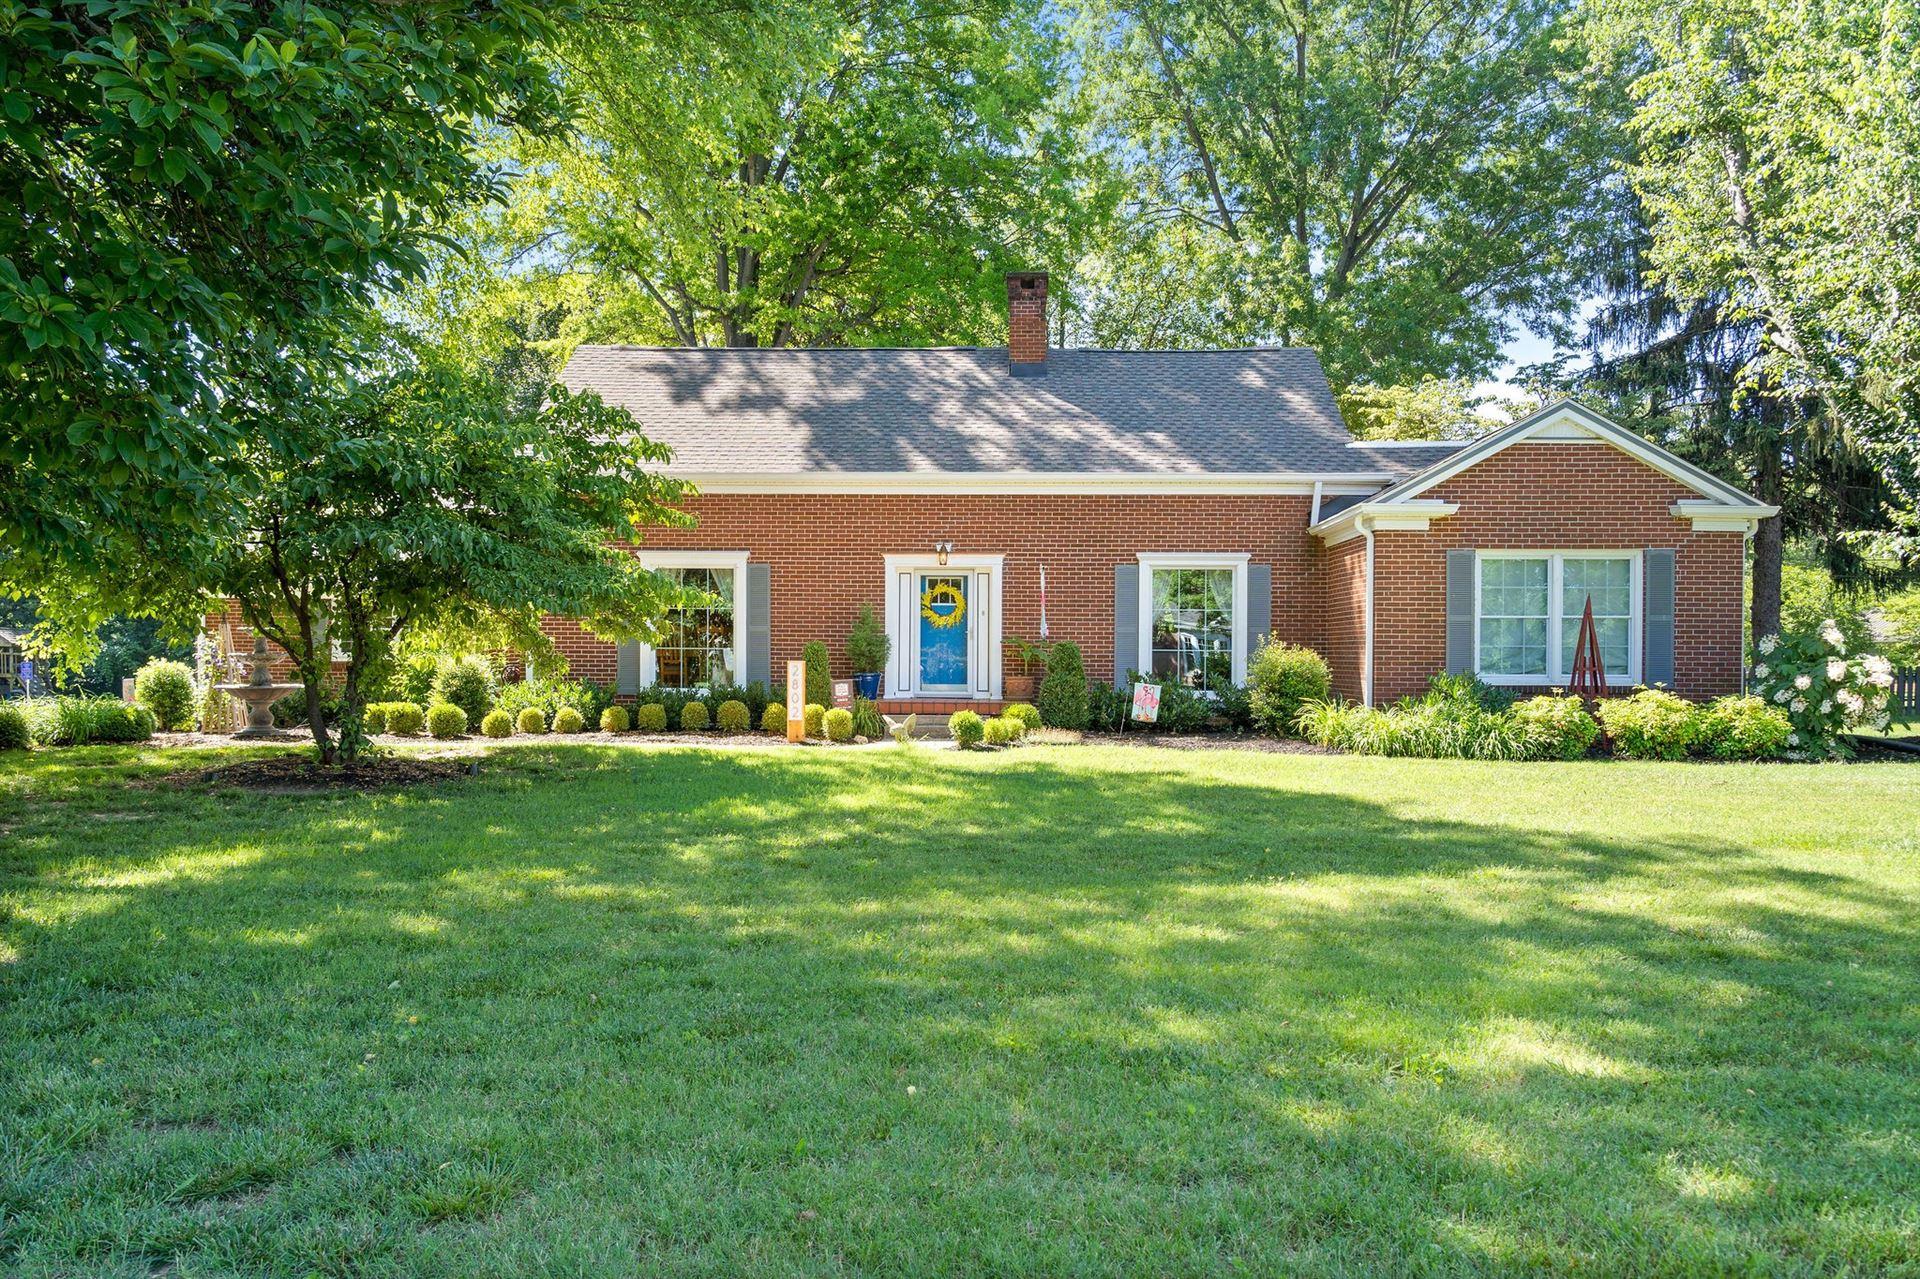 2802 Cox Mill Rd, Hopkinsville, KY 42240 - MLS#: 2262413